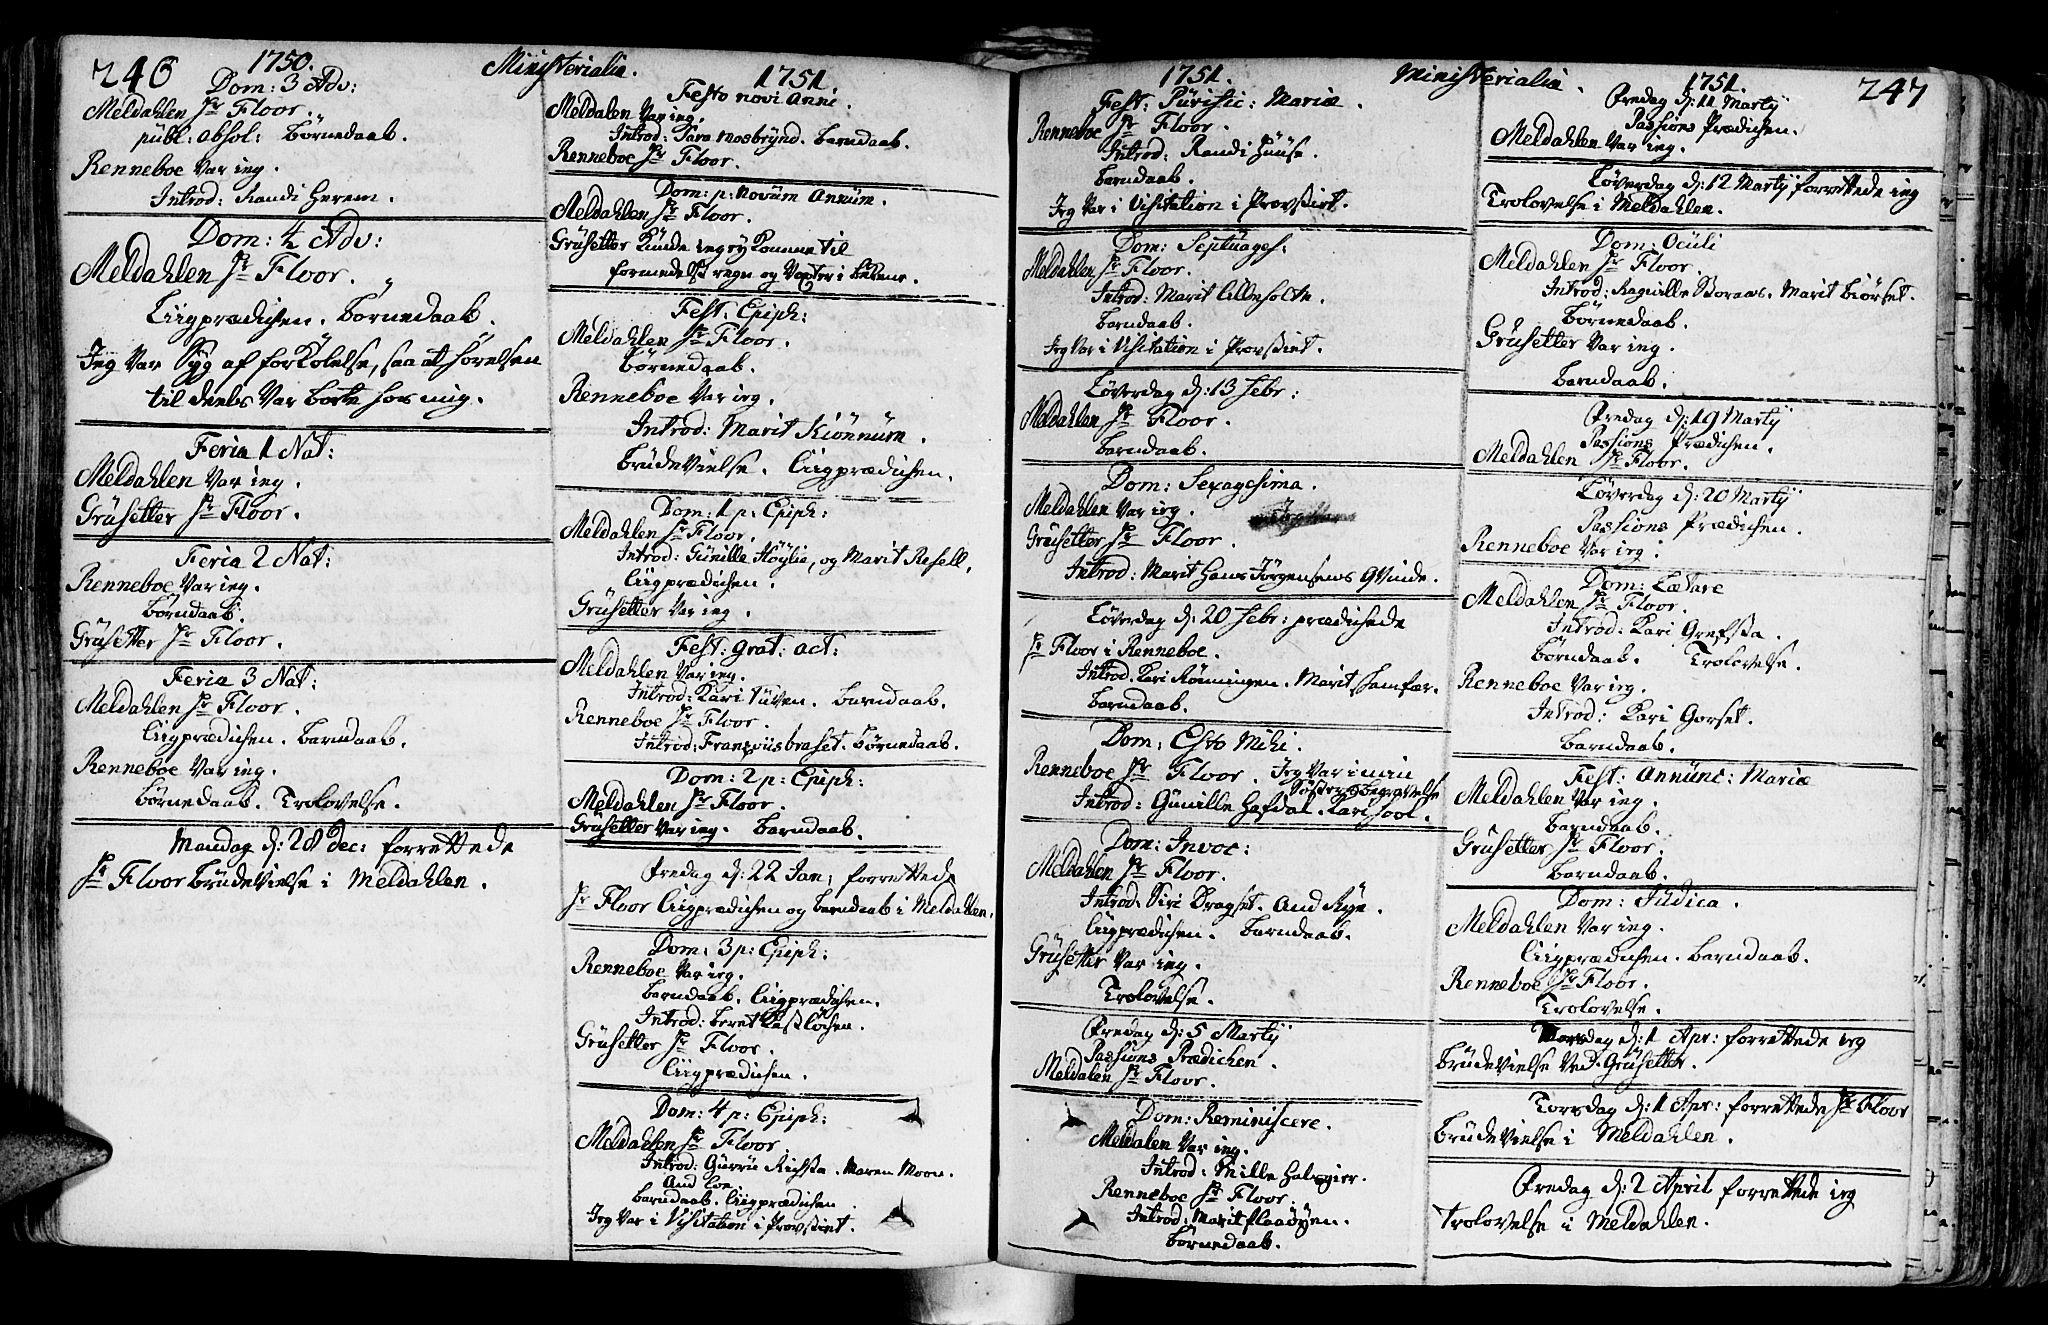 SAT, Ministerialprotokoller, klokkerbøker og fødselsregistre - Sør-Trøndelag, 672/L0850: Ministerialbok nr. 672A03, 1725-1751, s. 246-247